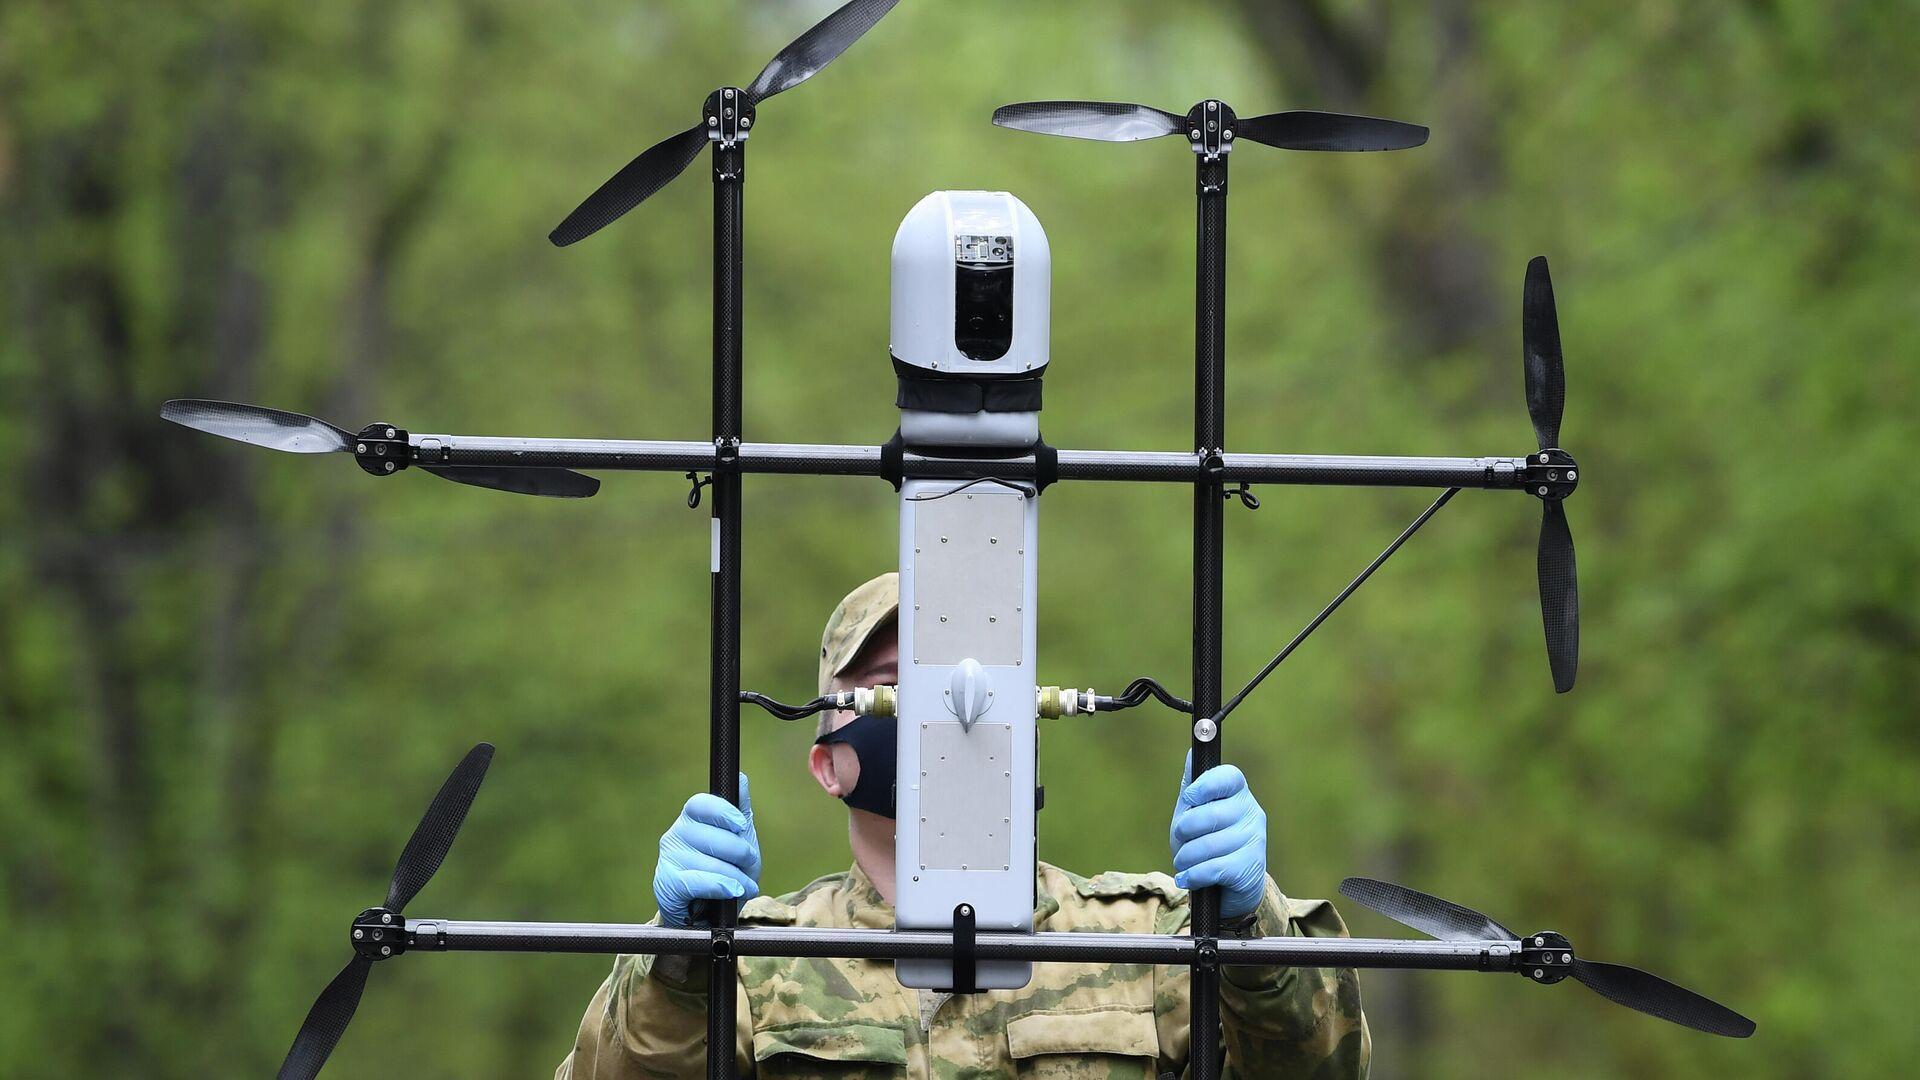 Военнослужащий Росгвардии готовит к полету беспилотный летательный аппарат ZALA для подготовки патрулирования - РИА Новости, 1920, 11.06.2021